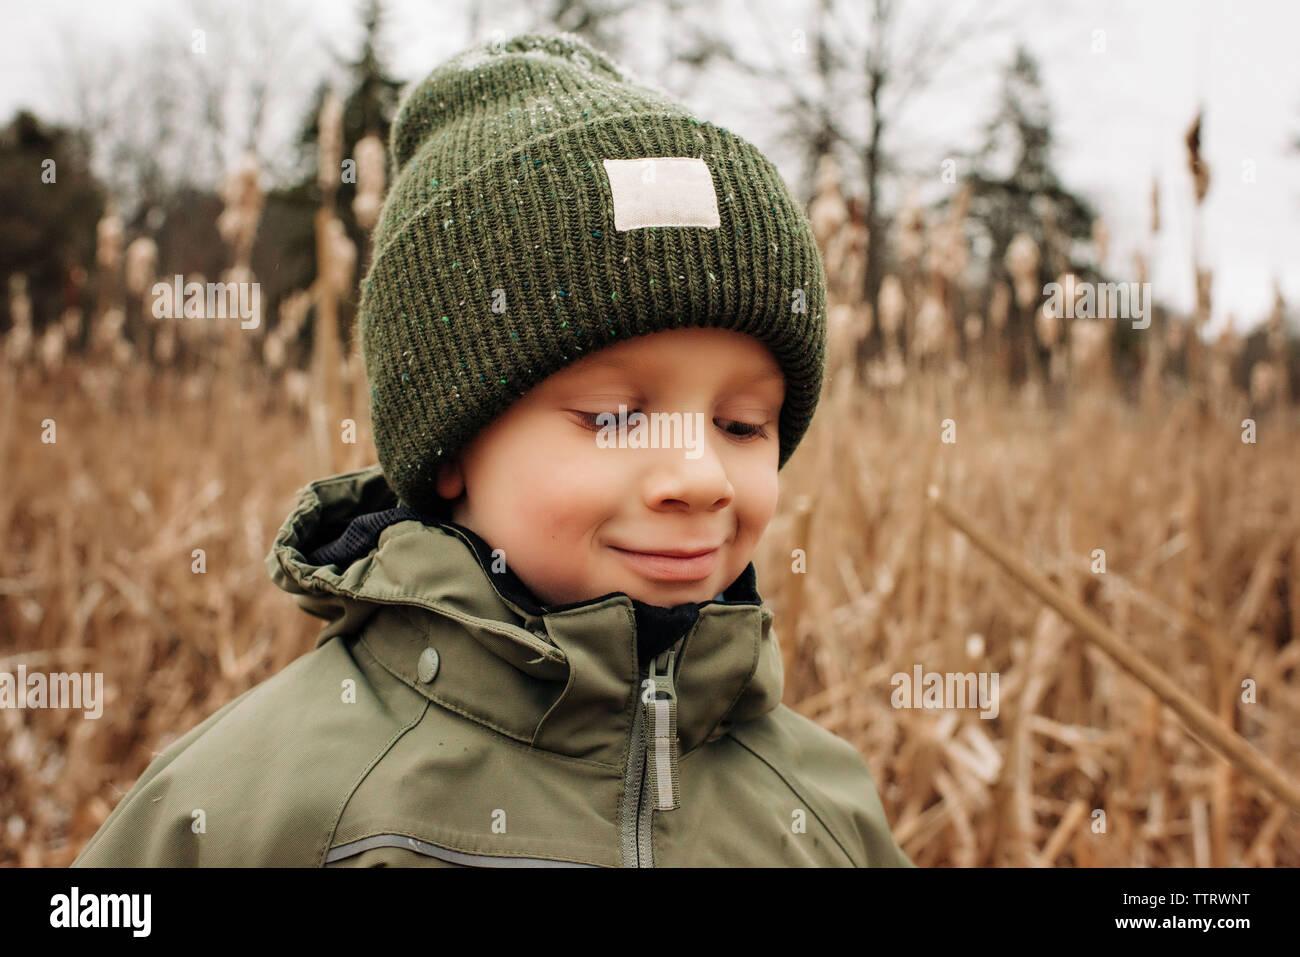 Retrato de joven sonriente en invierno con sombrero y abrigo en la nieve Foto de stock